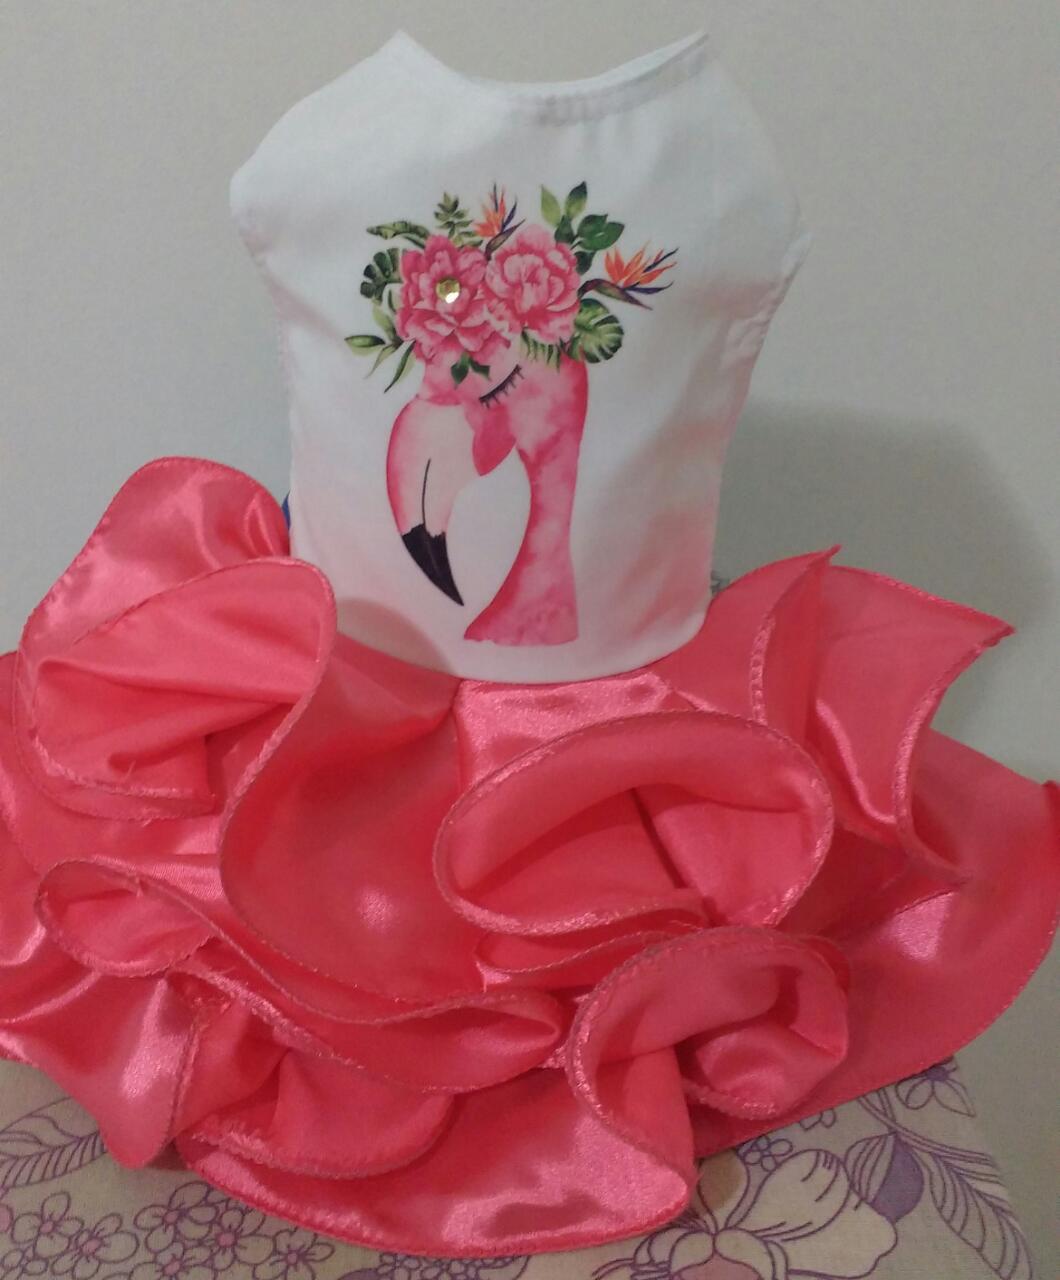 Fantasia Flamingo Shoppinho Animal Roupas E Acessoros Para Caes E Gatos